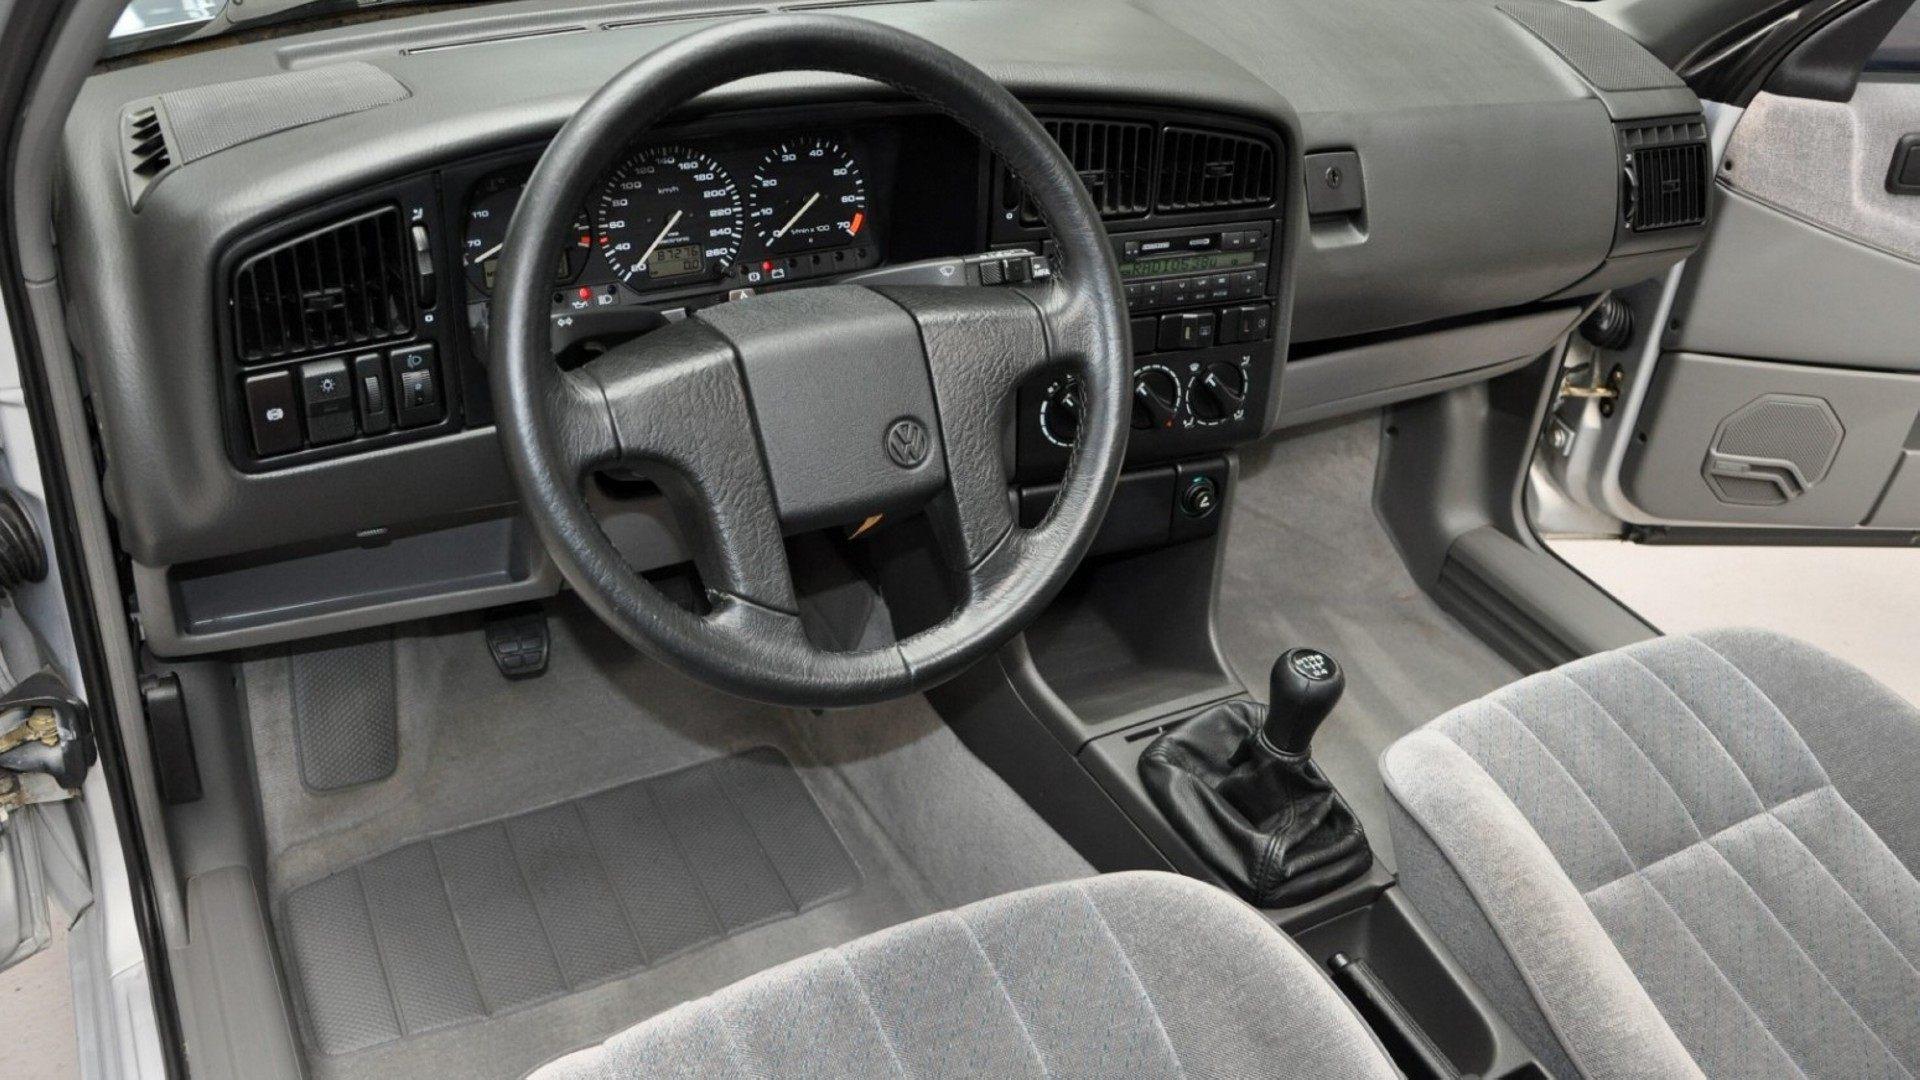 1992 Volkswagen Passat Variant 2 8 VR6 (19)